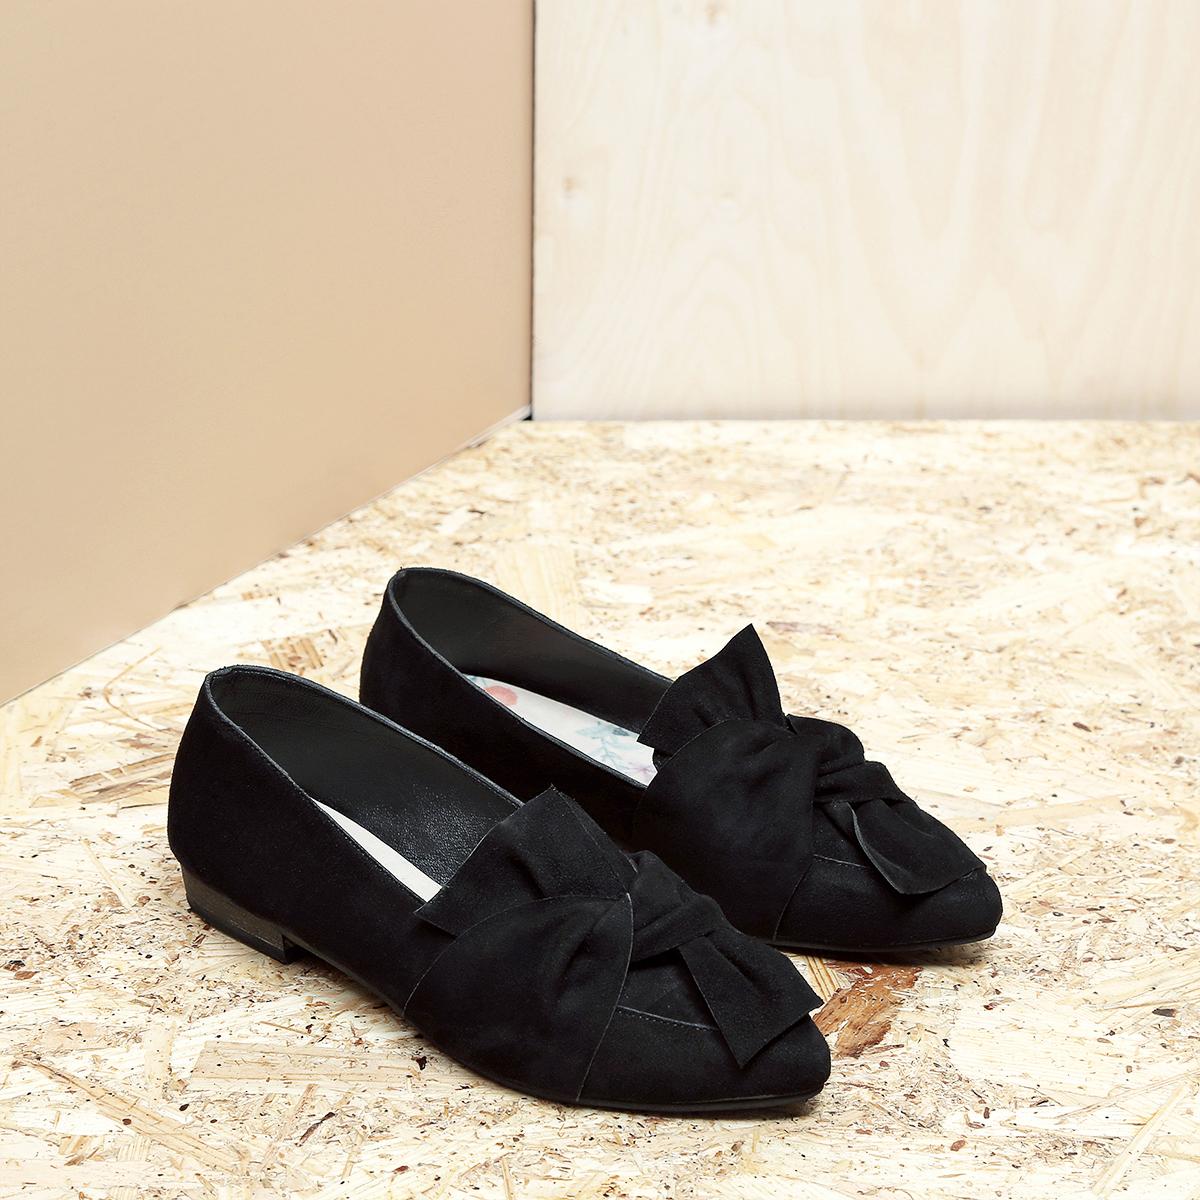 דגם מיקונוס: נעלי זמש בצבע שחור